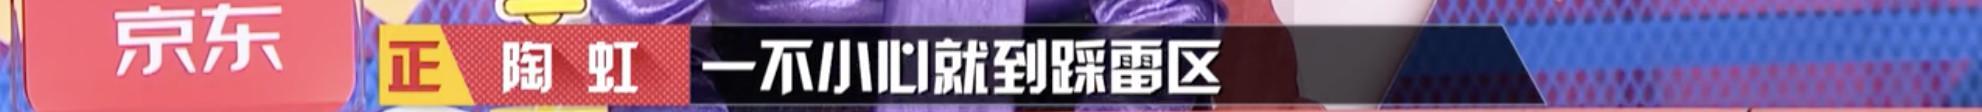 陶虹公开谈徐峥出轨传闻:肉体上的都不算事儿